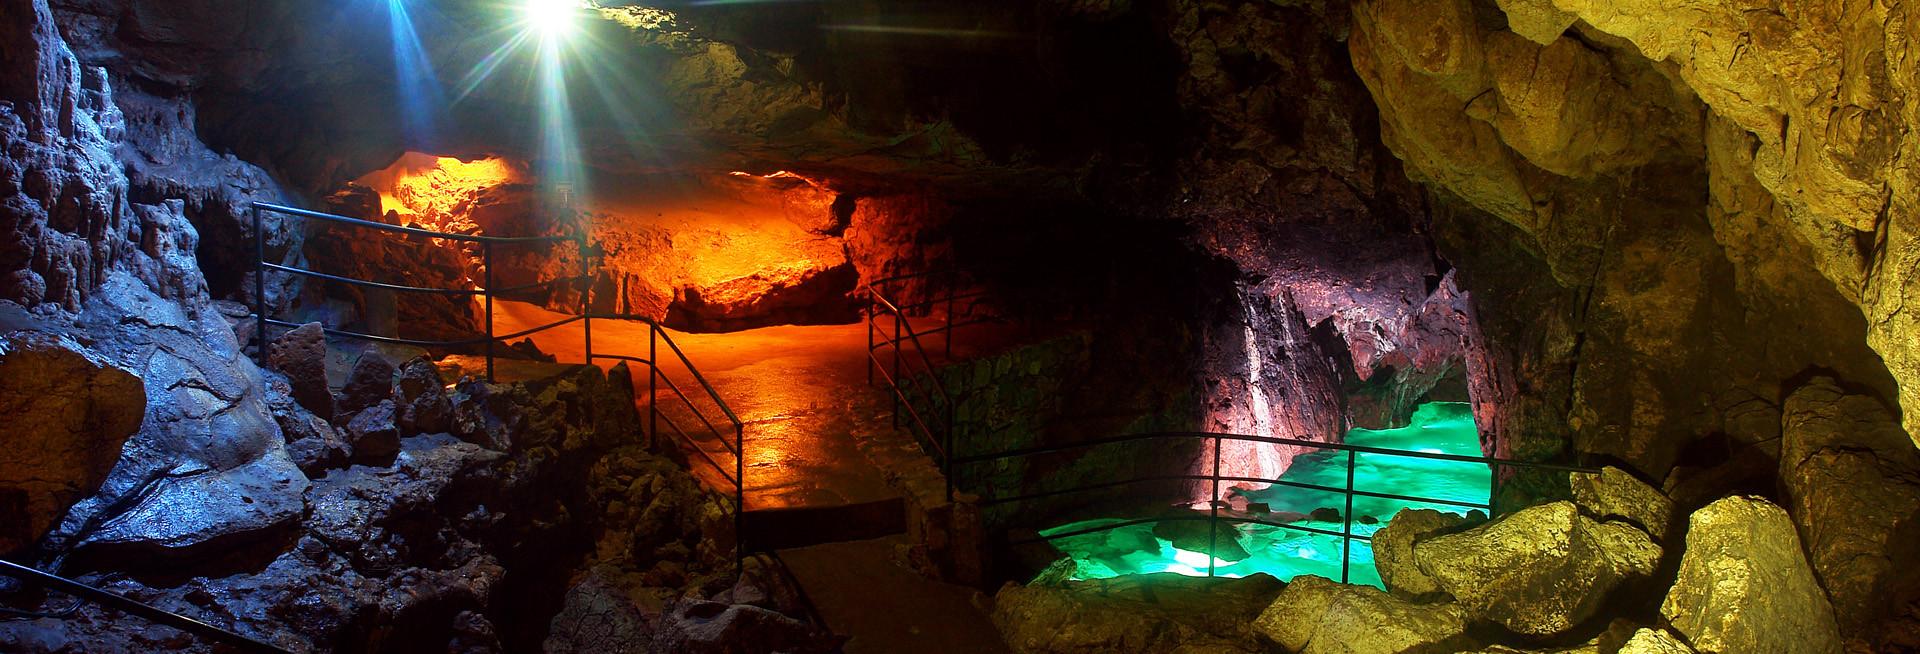 Фото: Красная пещера